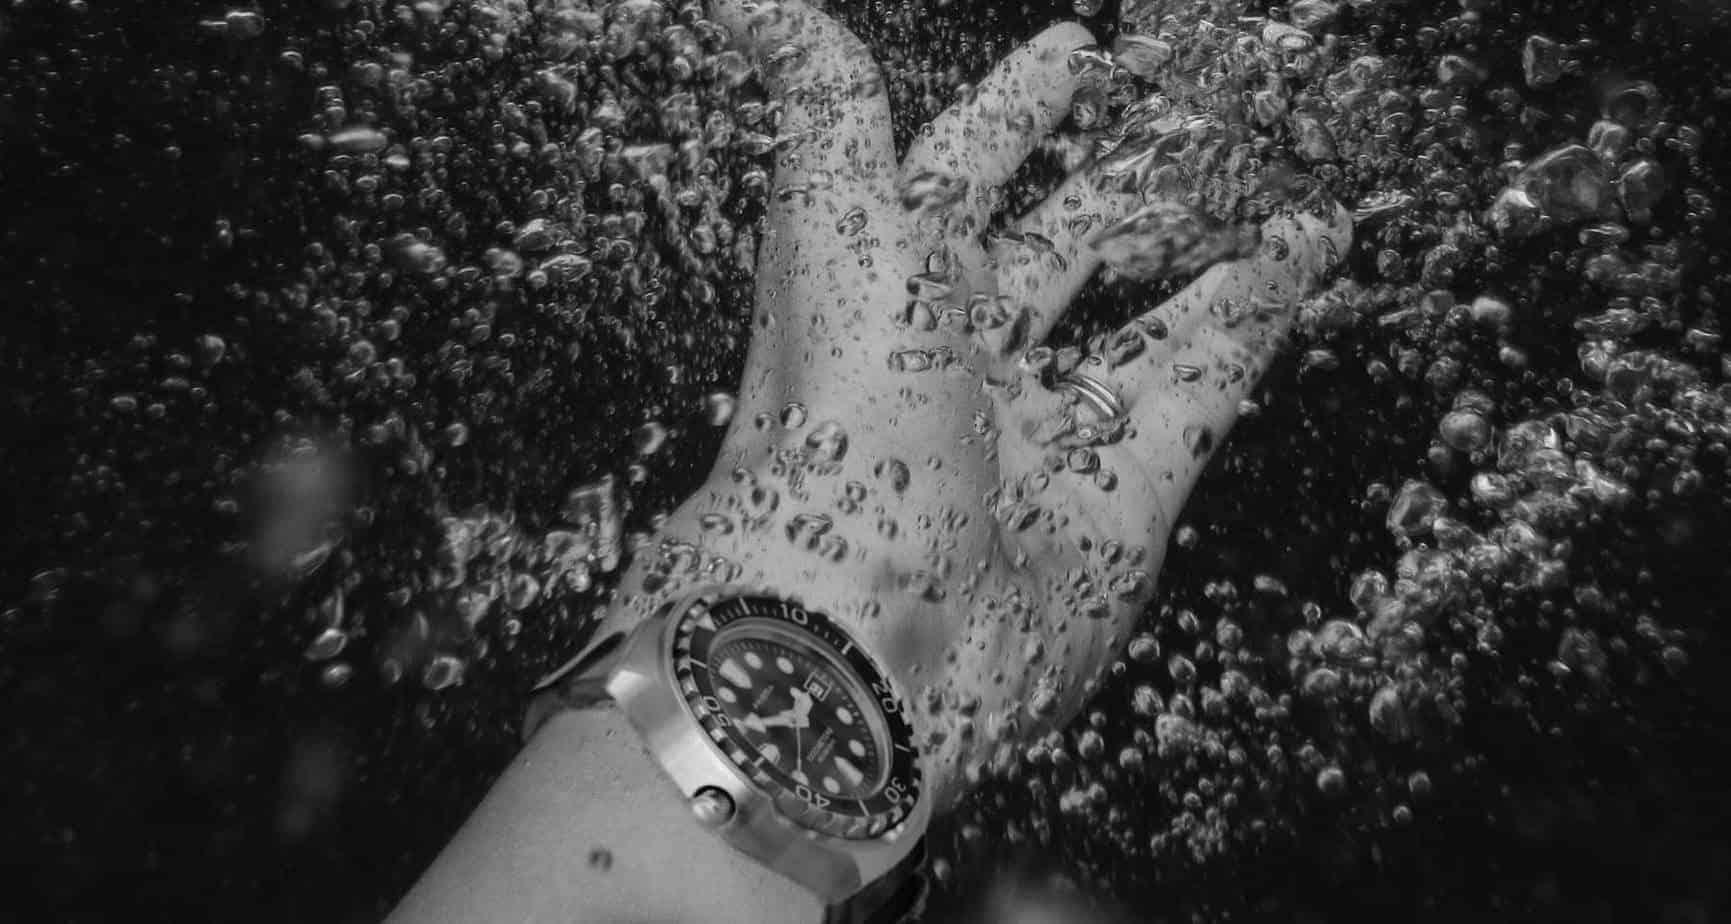 horloge waterdichtheid waterdichte horloges 20 atm 3 atm 5 atm 10 atm